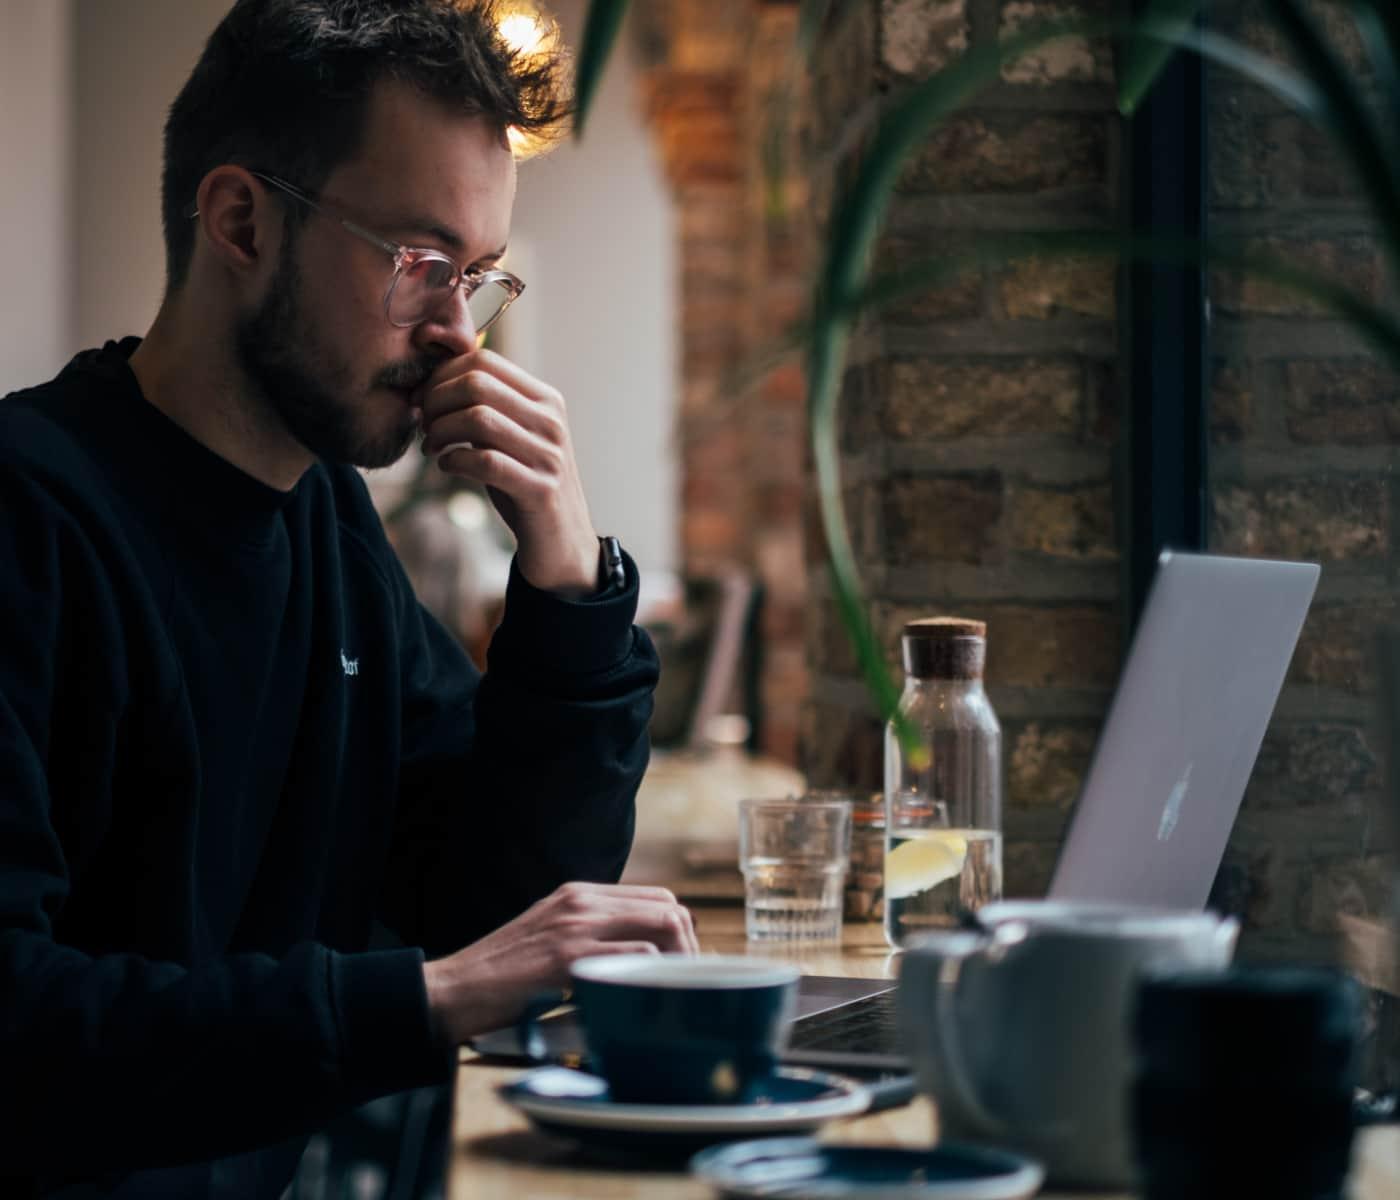 Bild eines Mannes, der im Café arbeitet